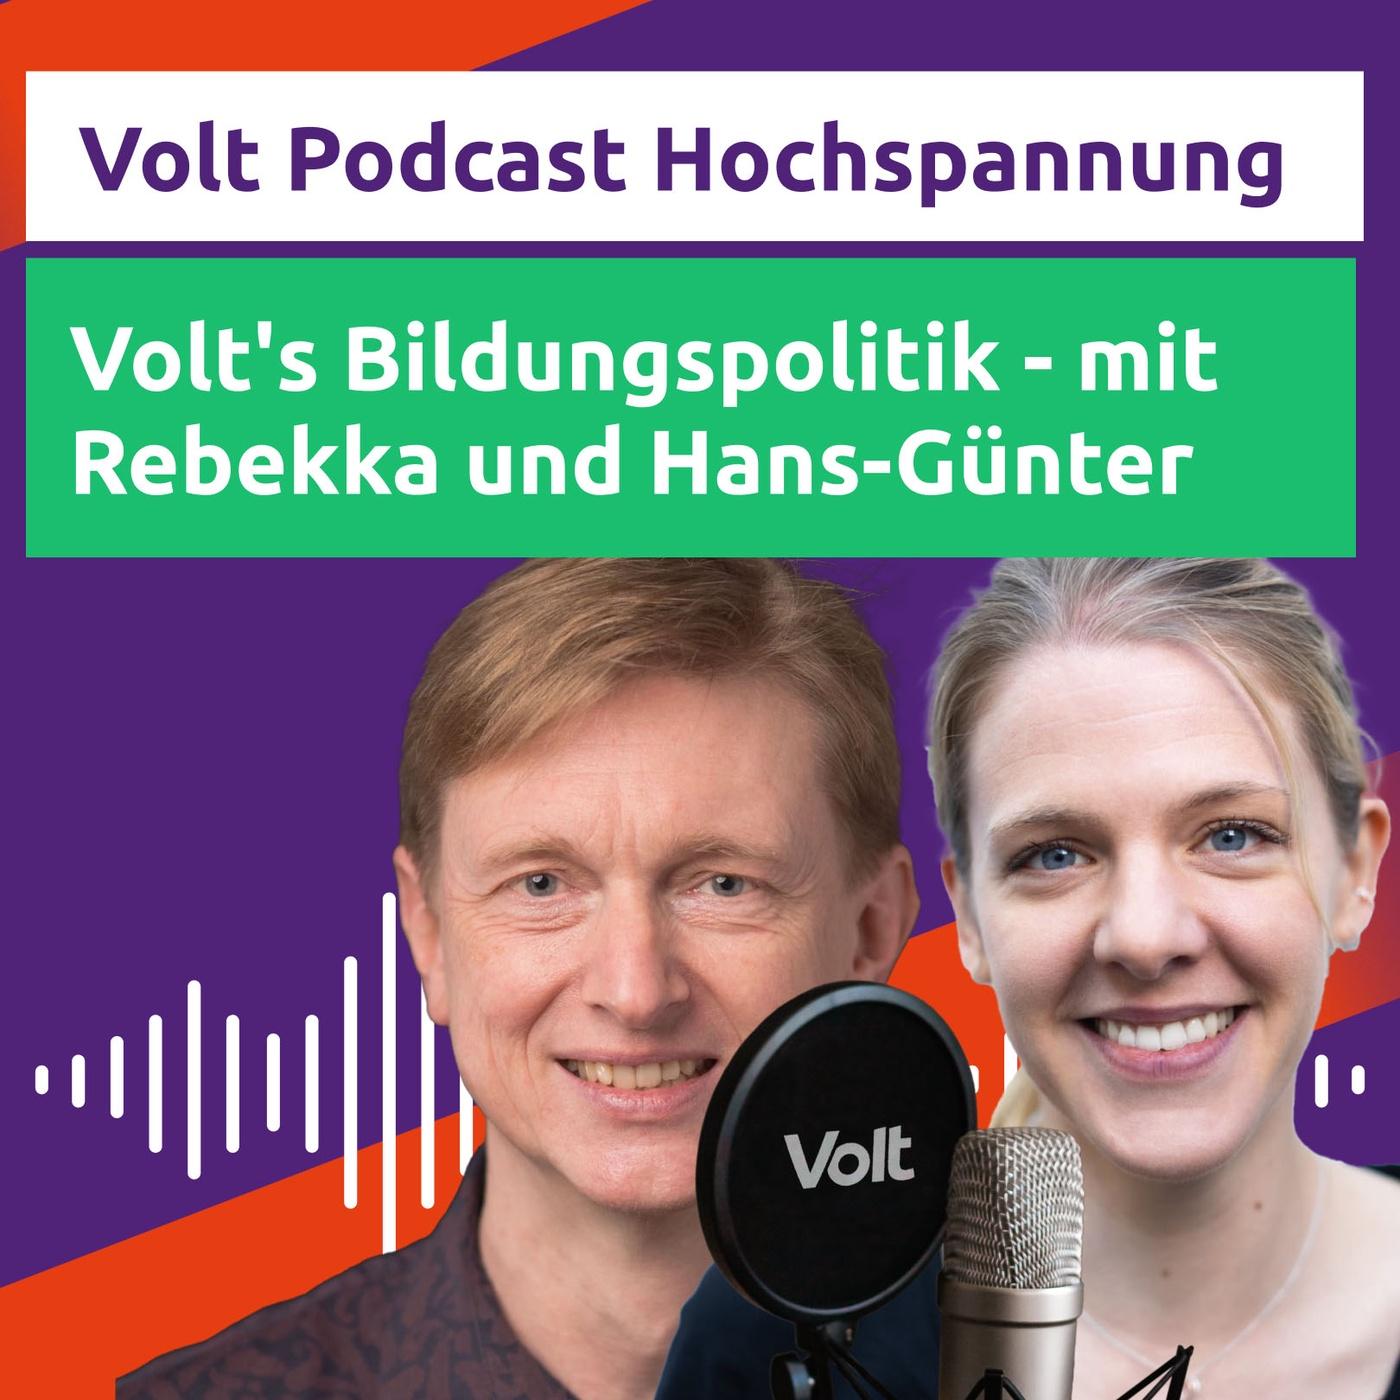 #Wahlprogrammfolge: Volts Bildungspolitik - mit Rebekka und Hans-Günter - Hochspannung Podcast